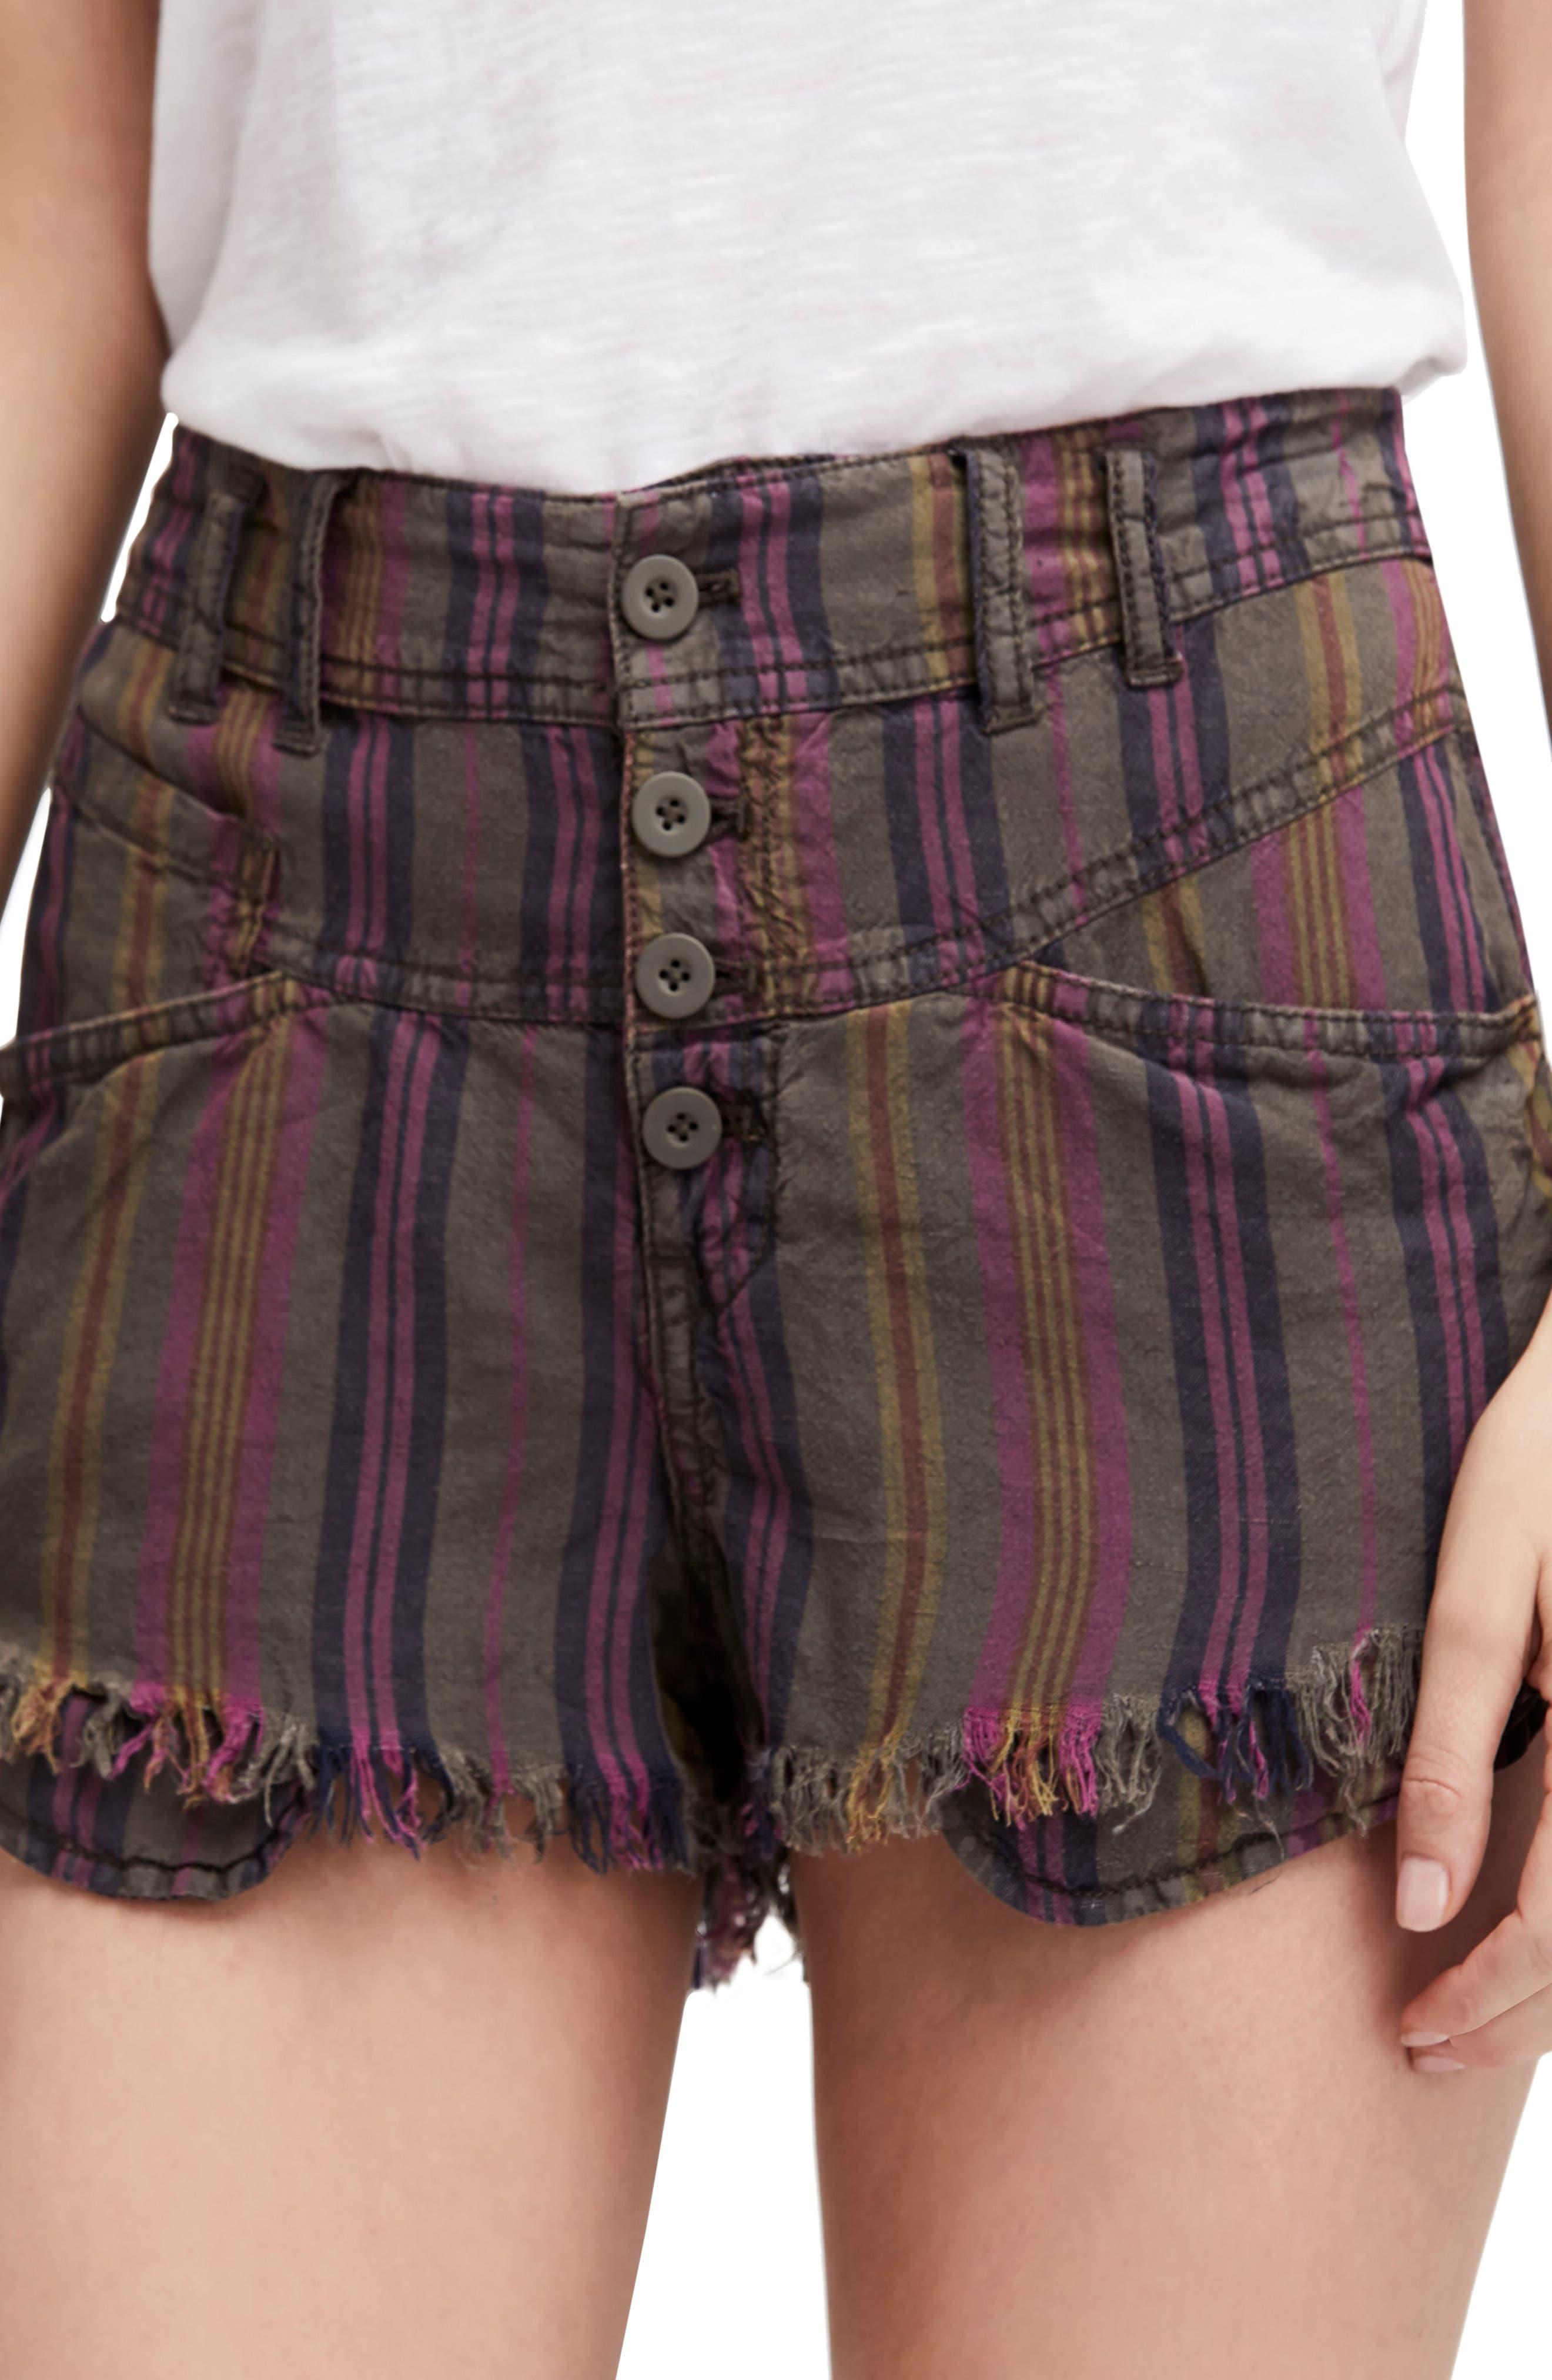 Morning Rain Cutoff Shorts,                             Main thumbnail 1, color,                             303